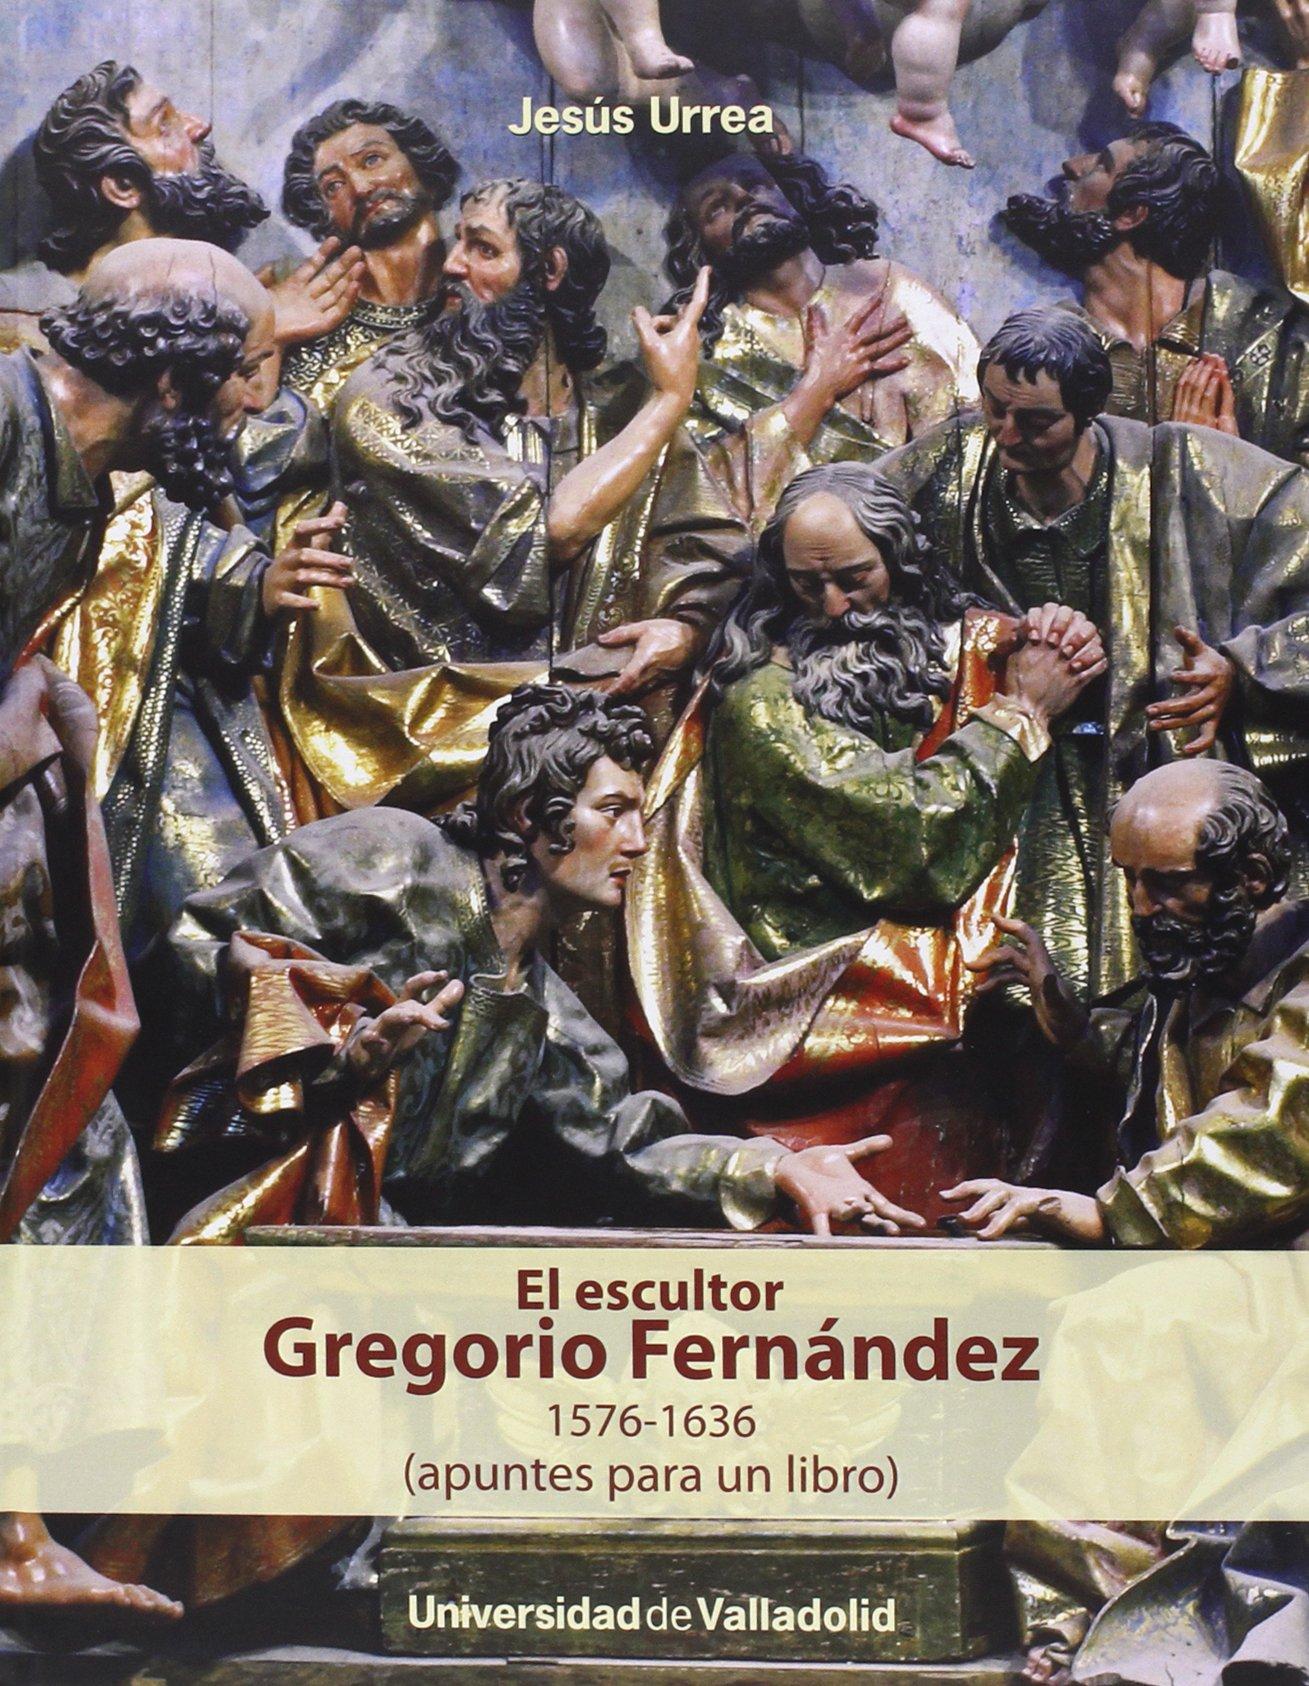 El Escultor Gregorio Fernández 1576-1636 (Apuntes para un libro) Tapa dura – 24 nov 2014 Jesus Urrea 8484488063 Human figures depicted in art